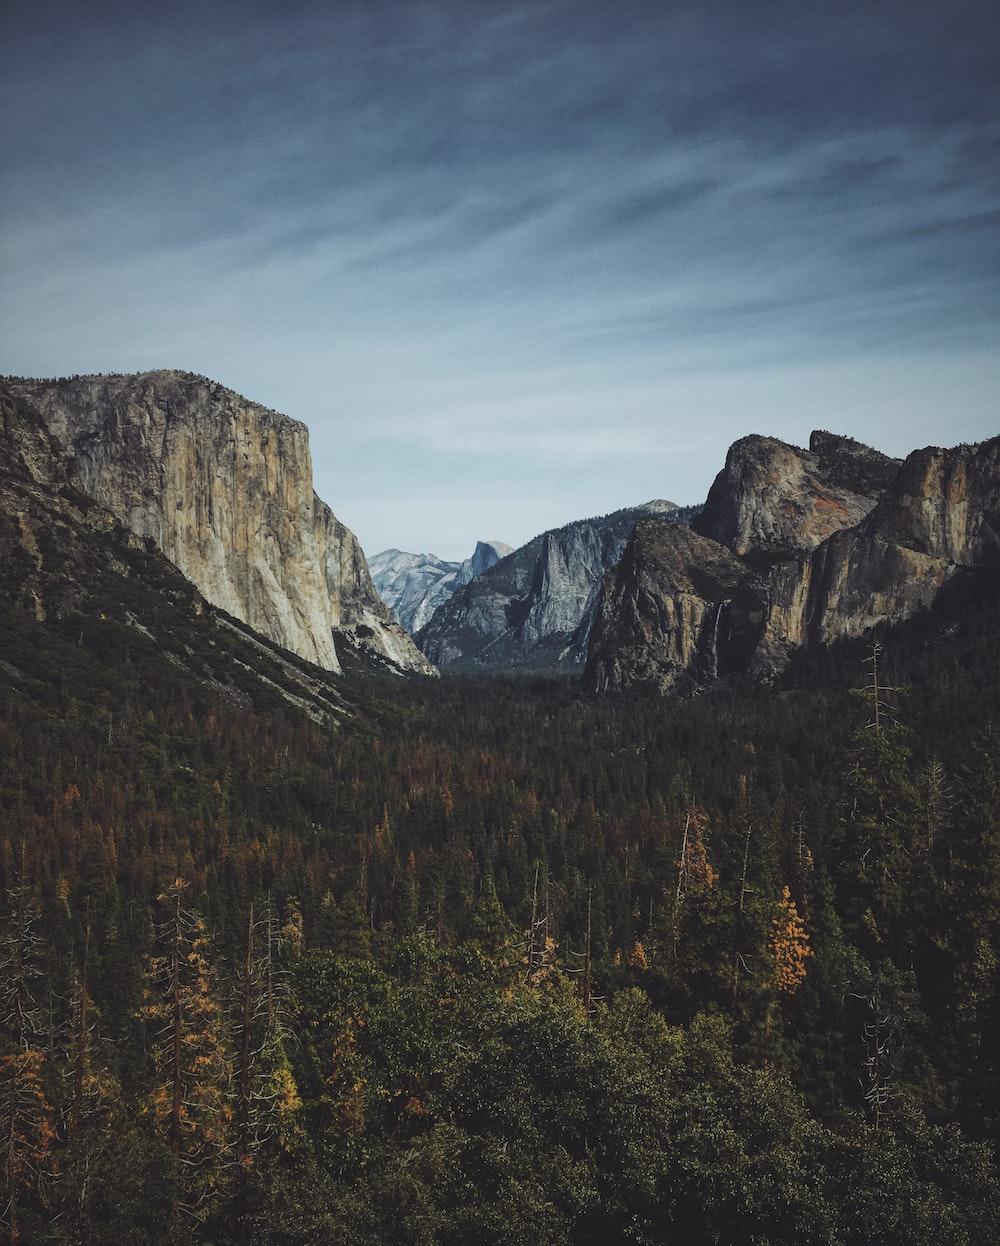 fir trees overlooking rocky mountains under blue sky